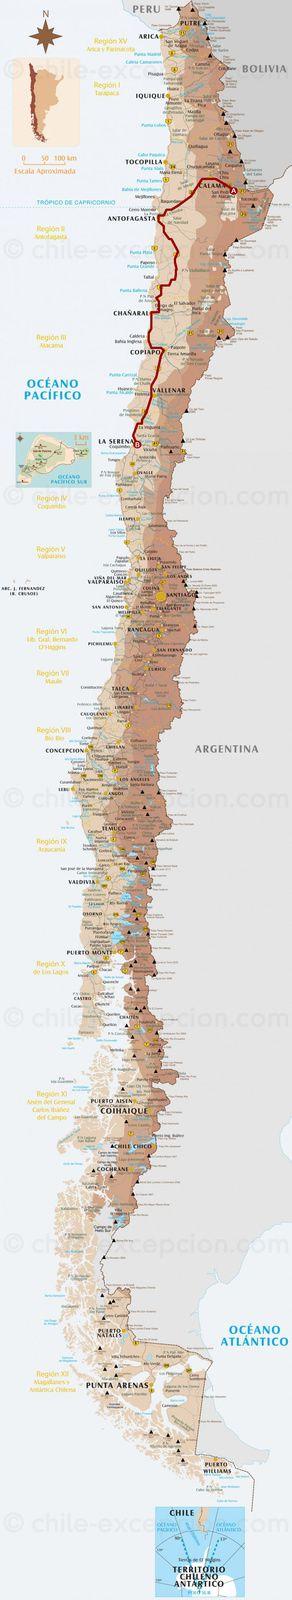 Le trajet San Pedro d'Atacama - La Serena à l'échelle du Chili (1 200 kms de route).